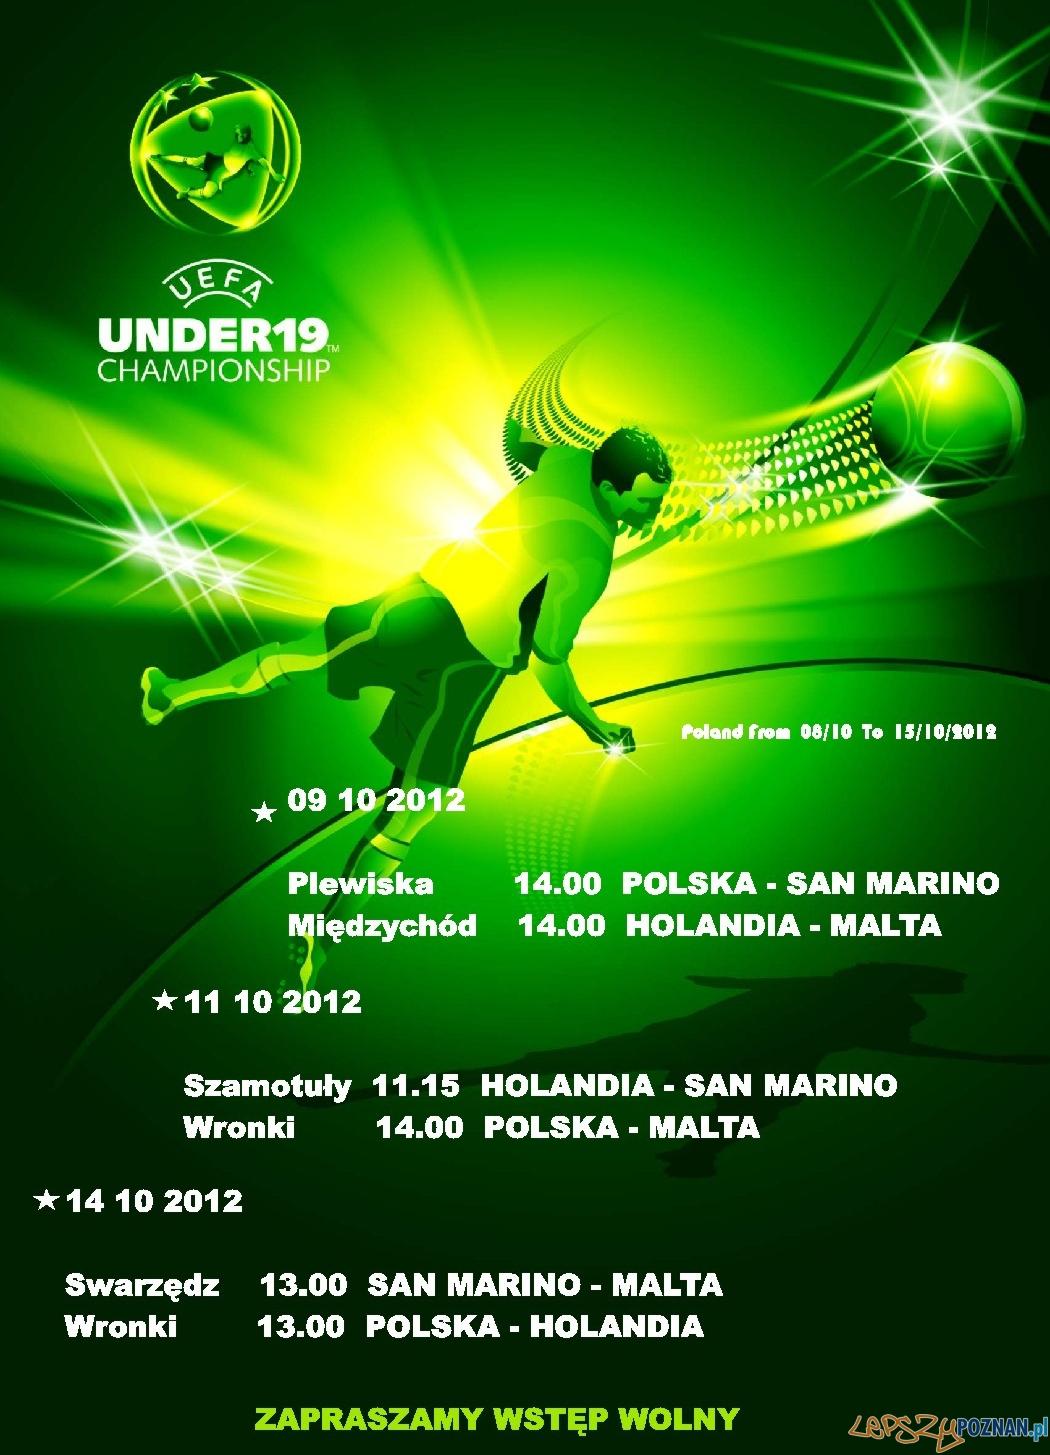 Turniej eliminacyjny Mistrzostw Europy do lat 19 w piłce nożnej  Foto: Turniej eliminacyjny Mistrzostw Europy do lat 19 w piłce nożnej